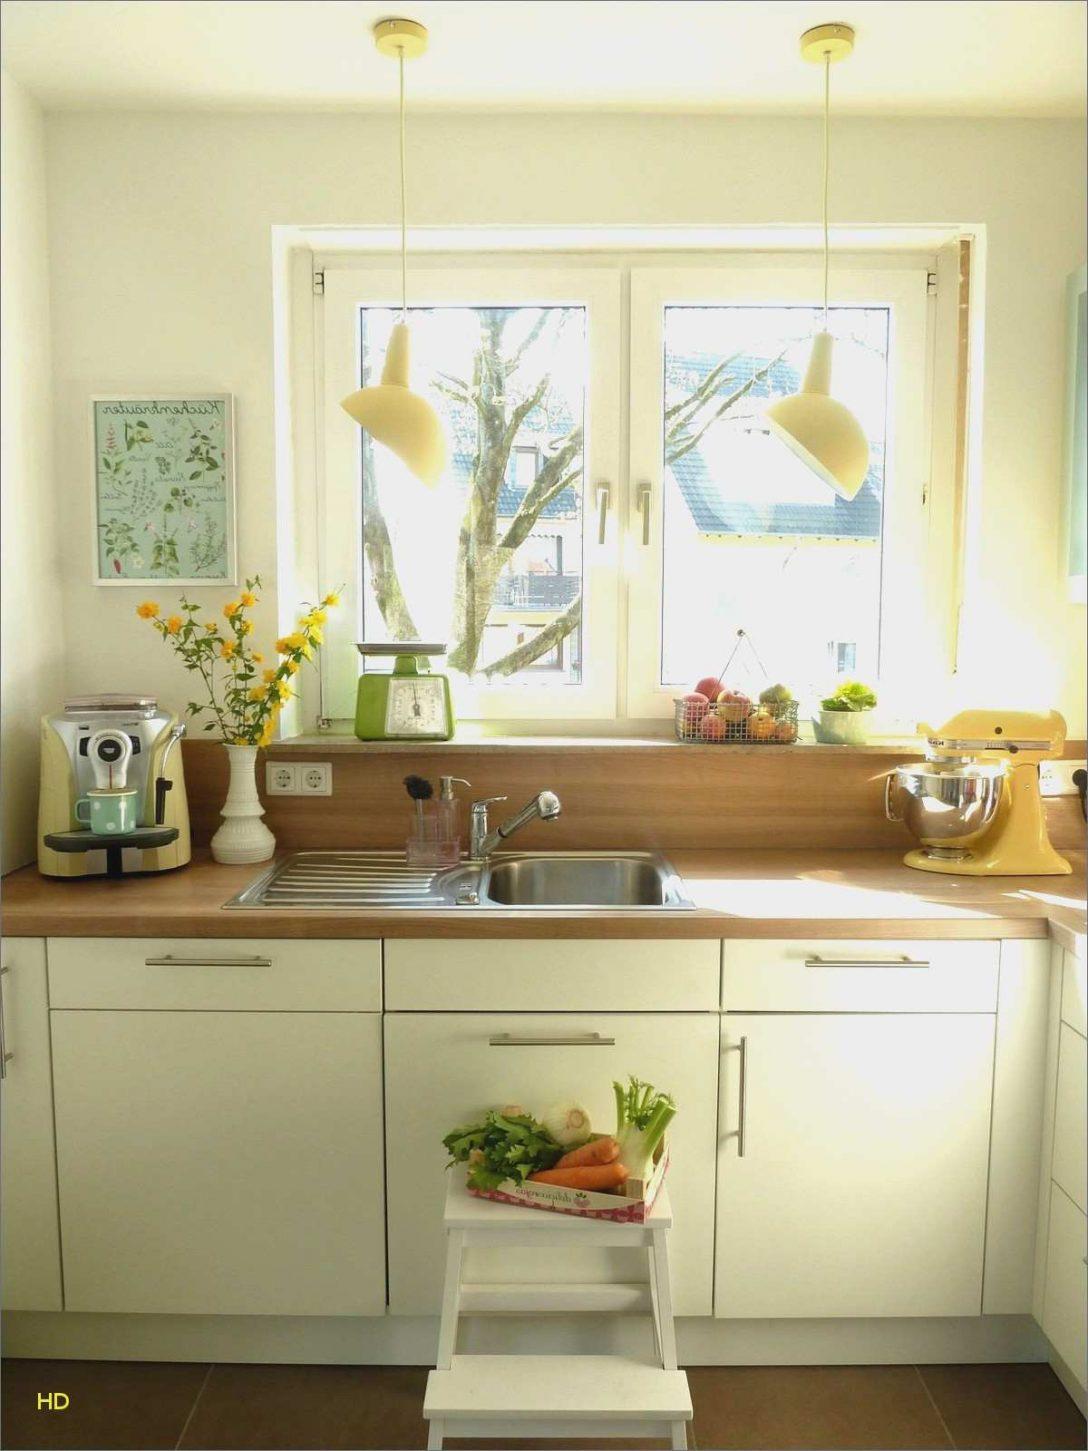 Large Size of Glasbilder Küche 40 Cm Glasbilder Küche Ebay Glasbilder Küche 80 X 50 Glasbilder Küche Gewürze Küche Glasbilder Küche